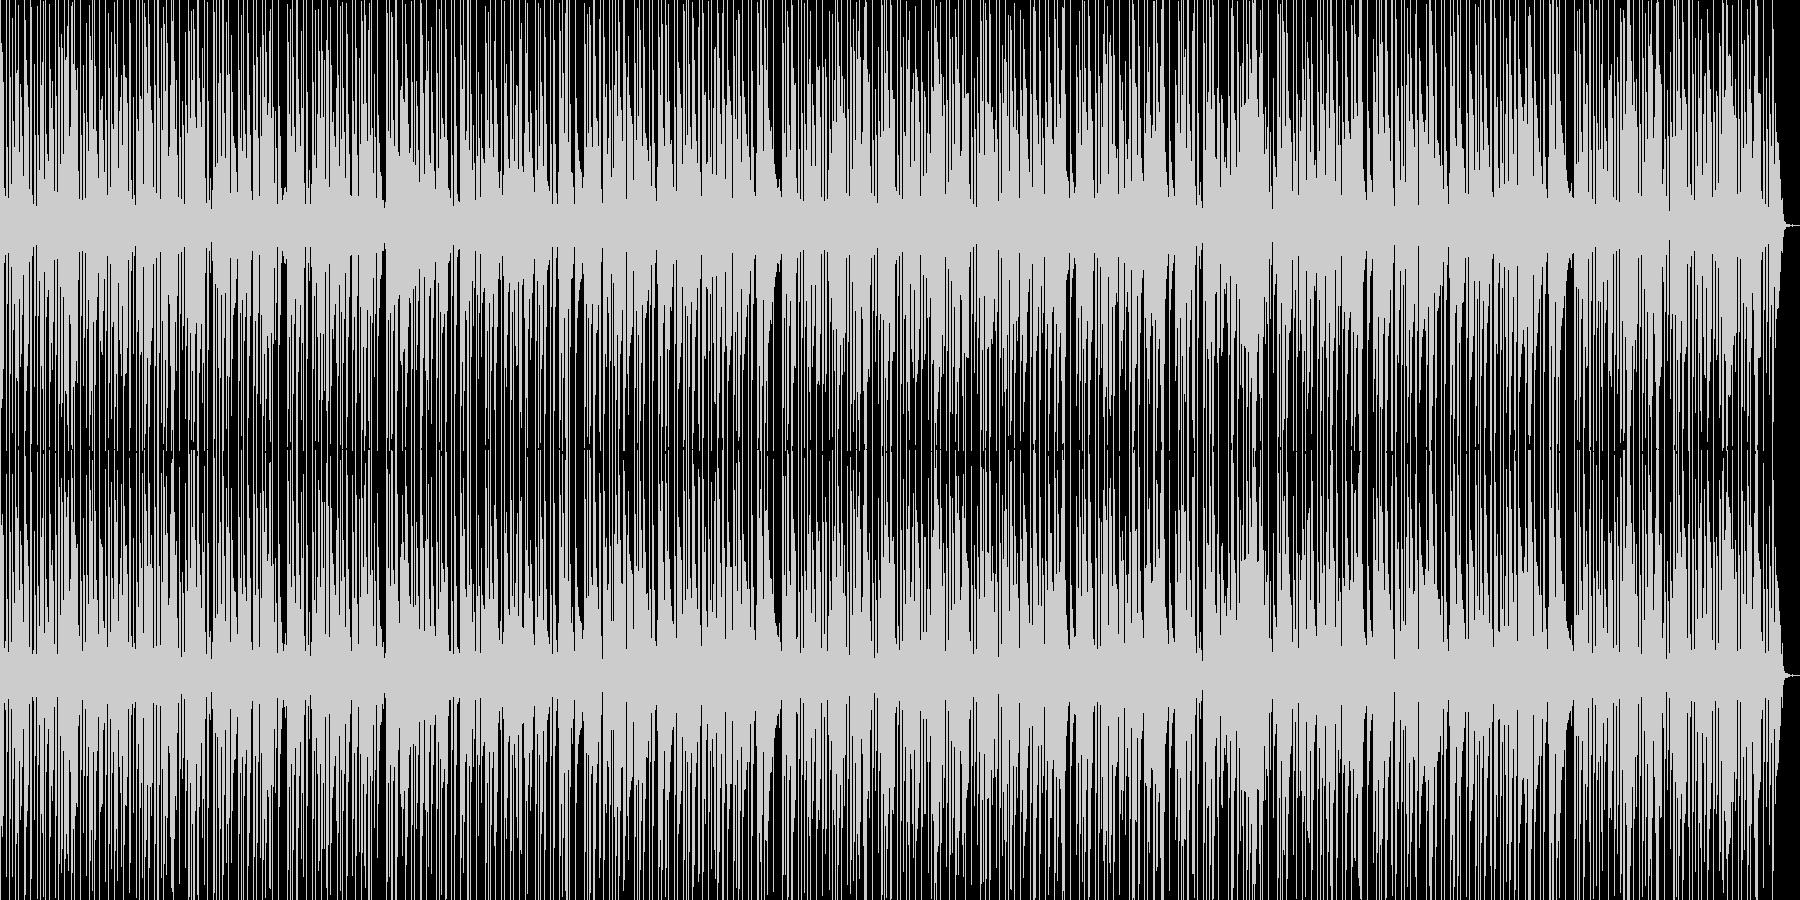 アコギで弾くお洒落で落ち着いたポップスの未再生の波形